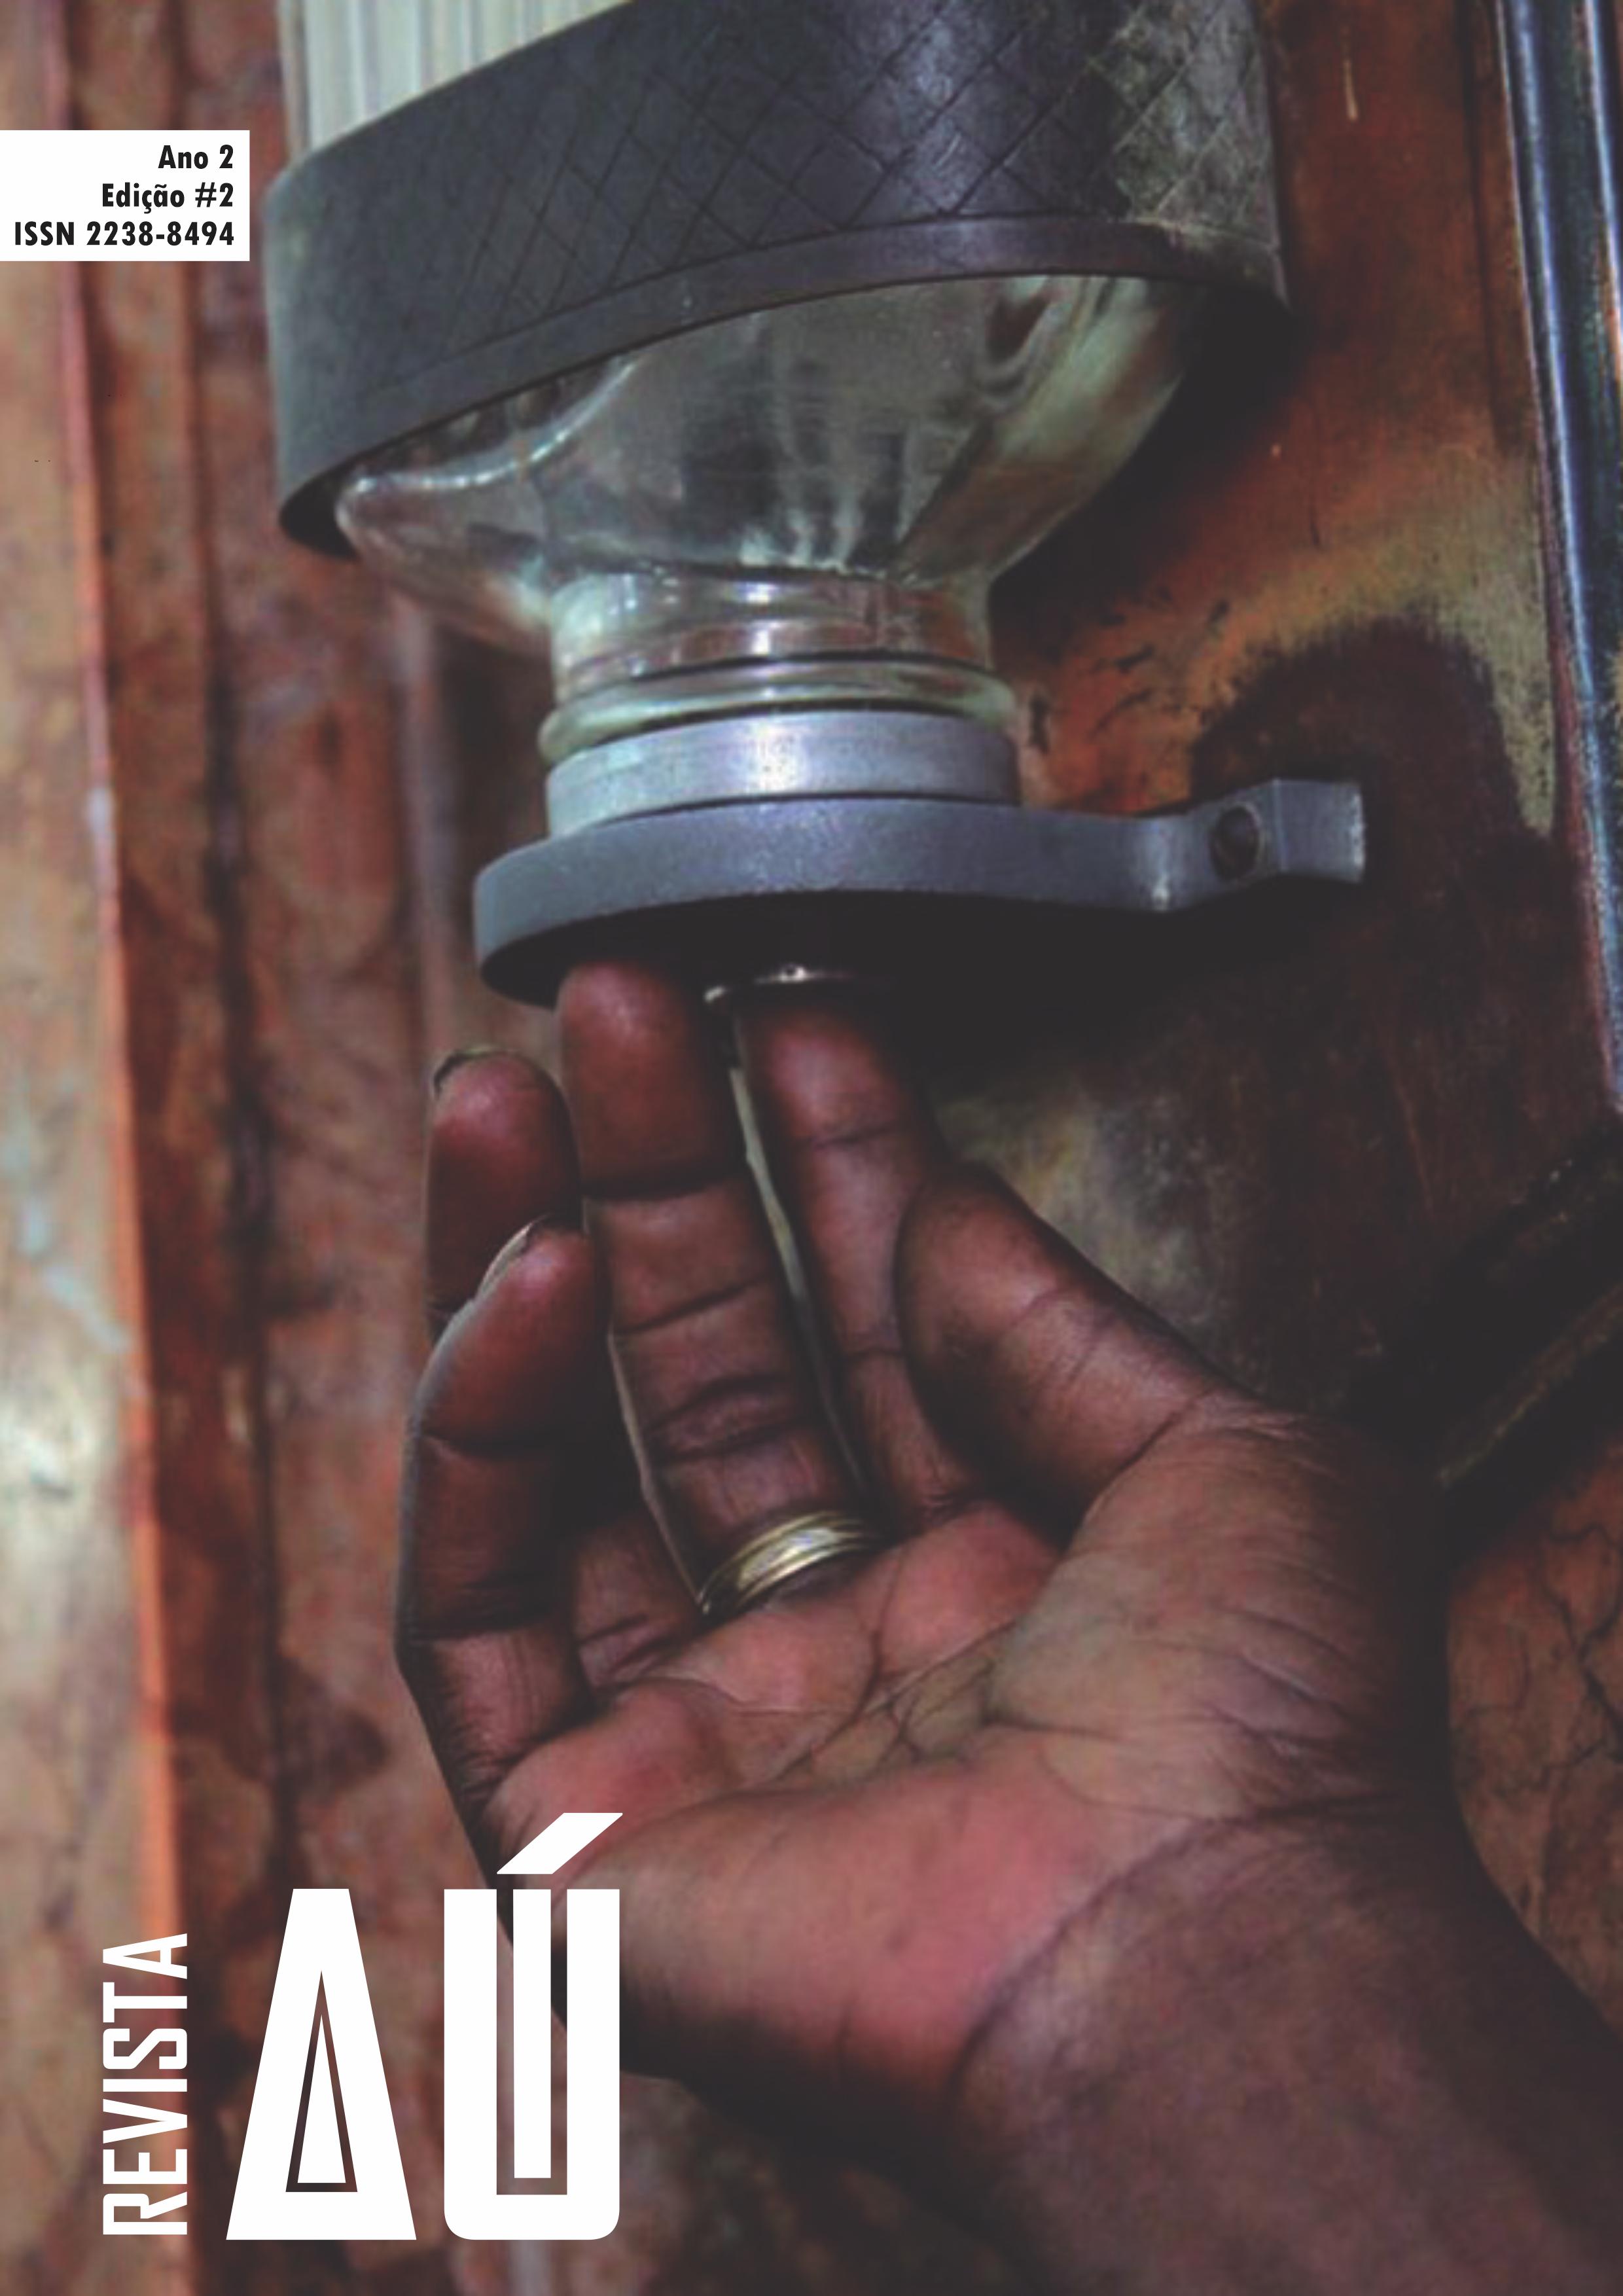 Revista Aú, Ano 2, Edição 2, ISSN 2238-8494